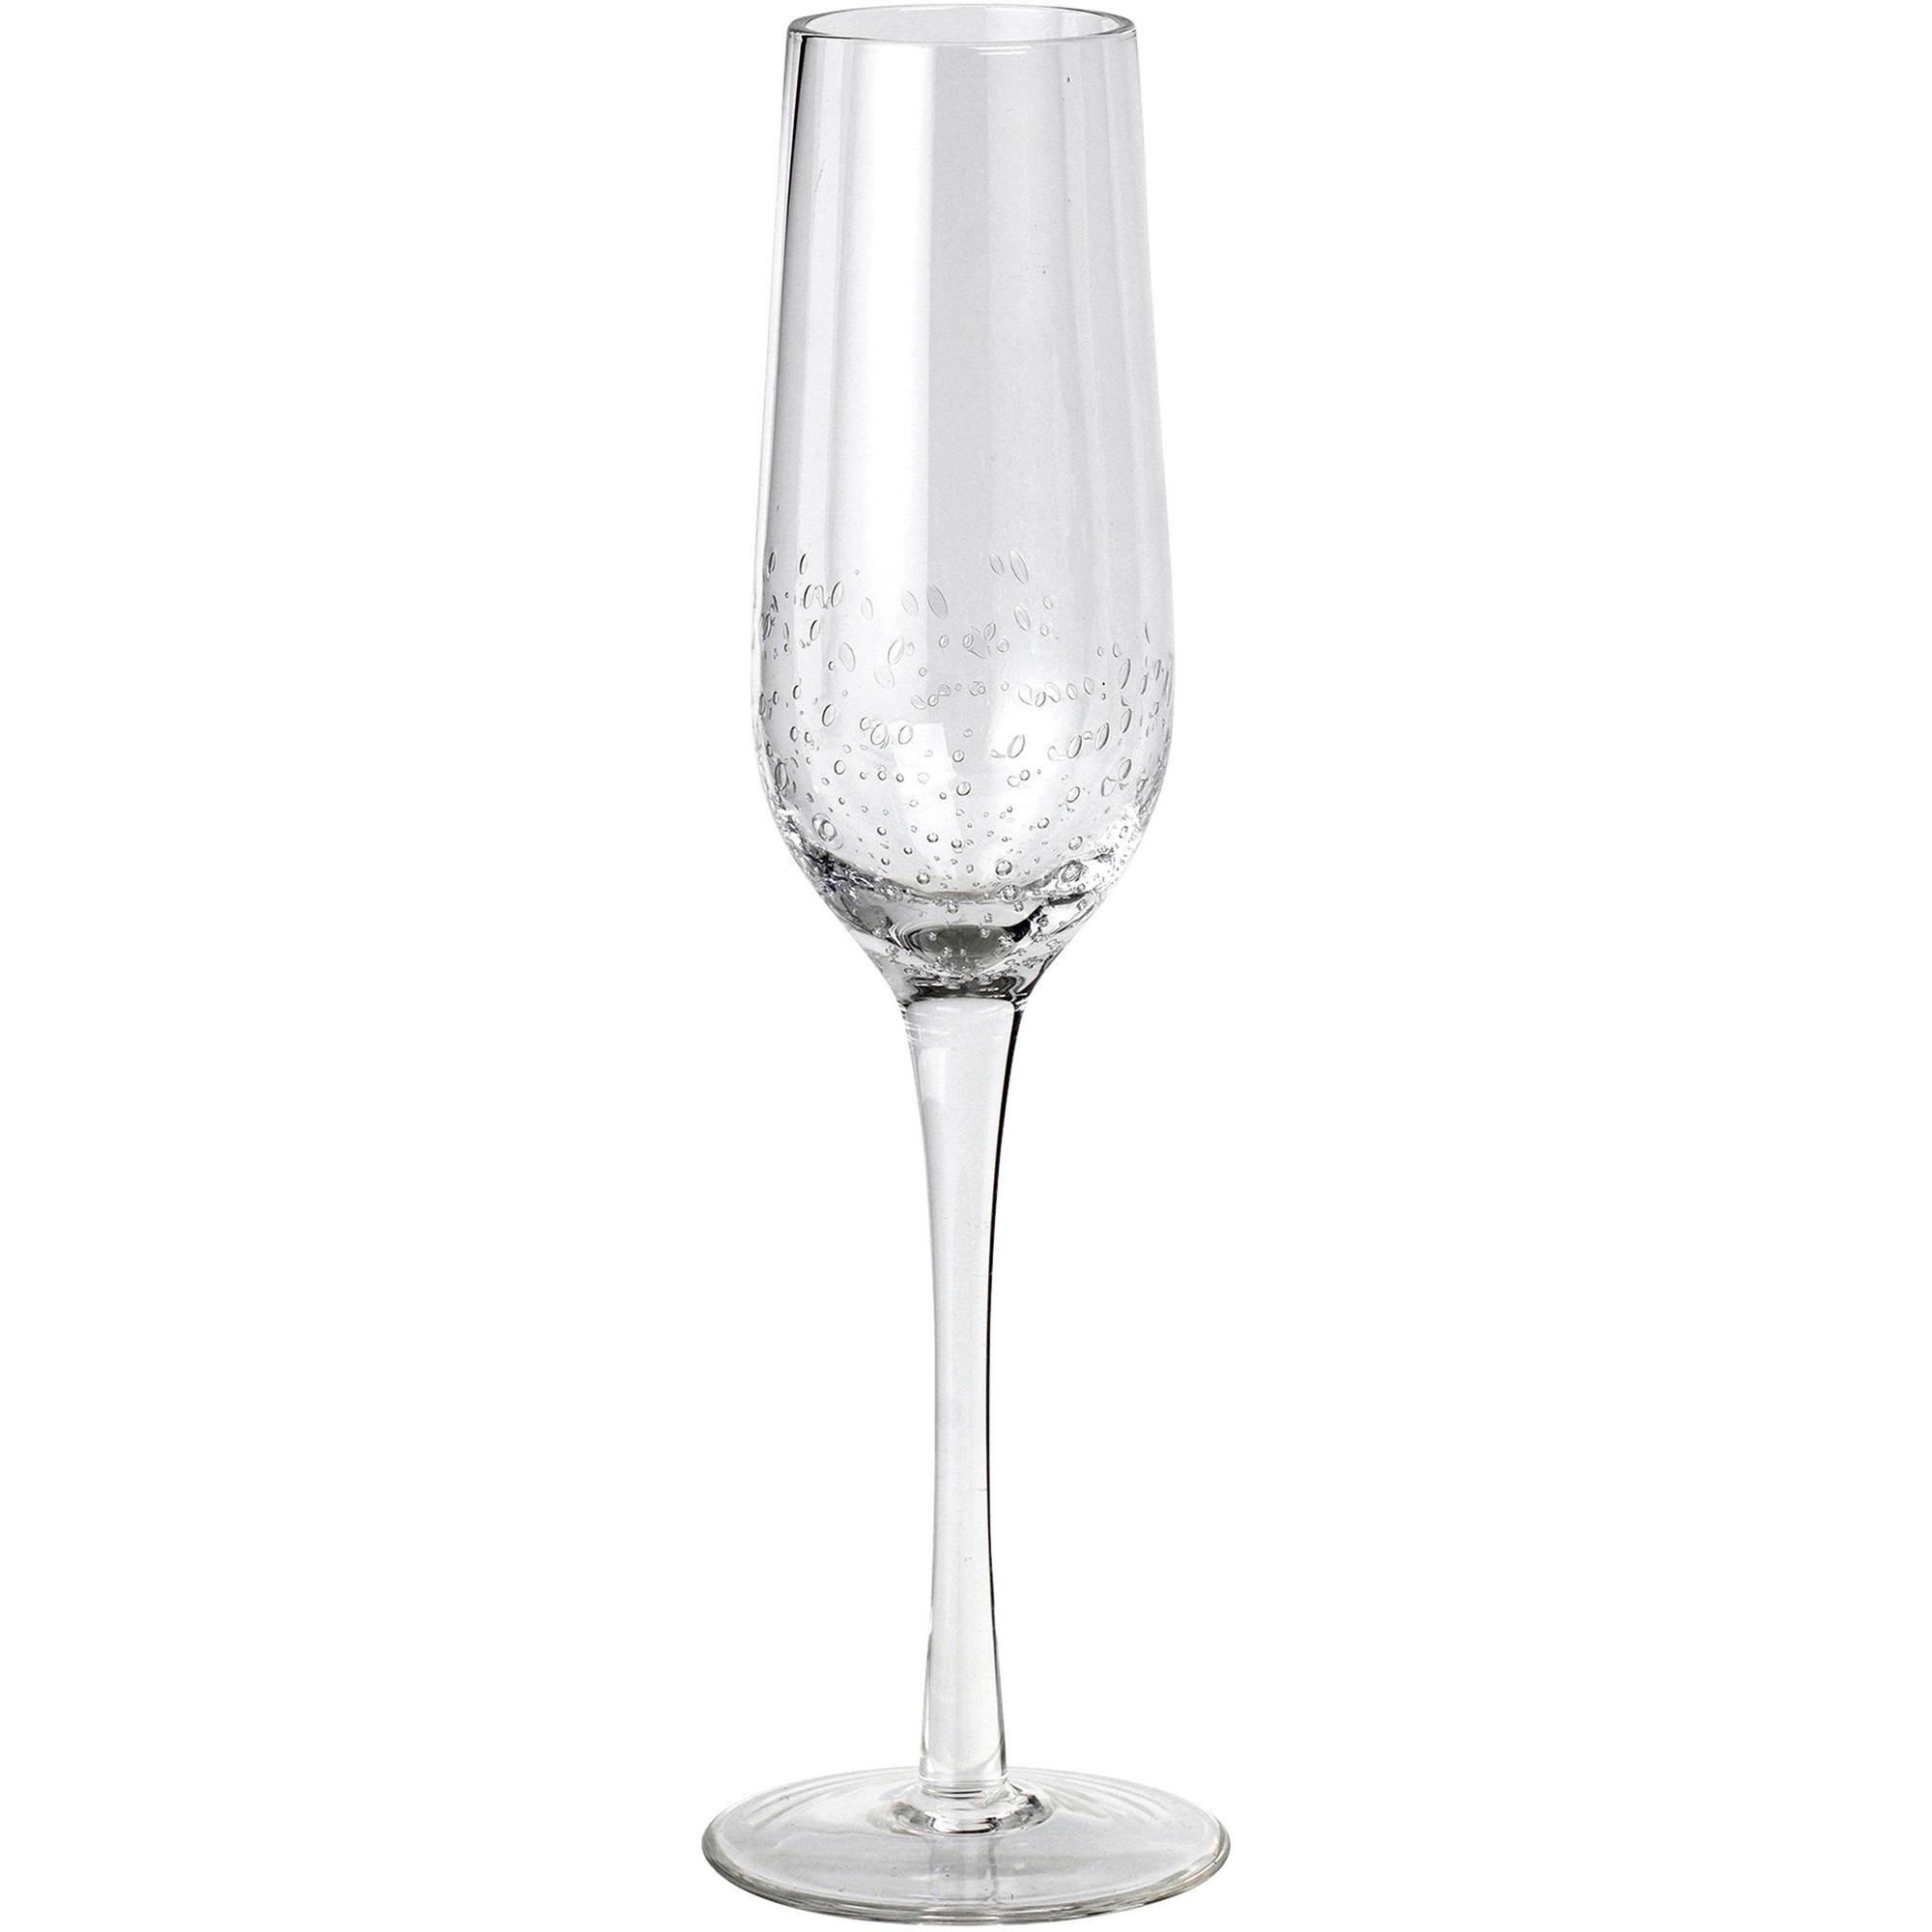 Broste Copenhagen 'Bubble' Munblåst champagneglas